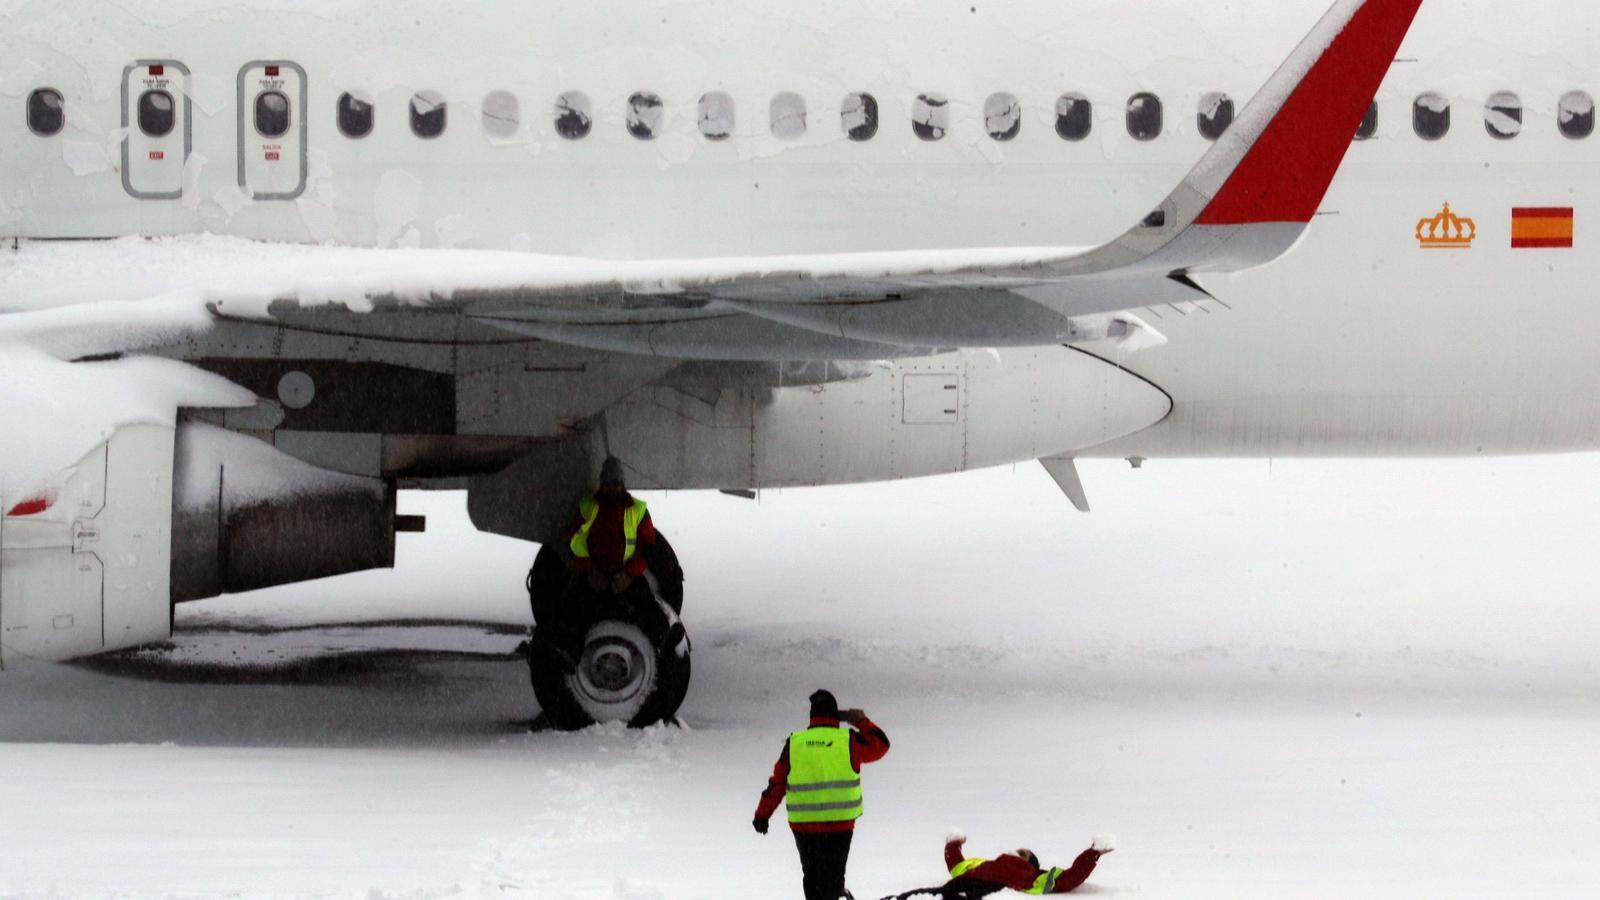 Un avió a l'aeroport d'Adolfo Suárez Barajas de Madrid, en plena nevada